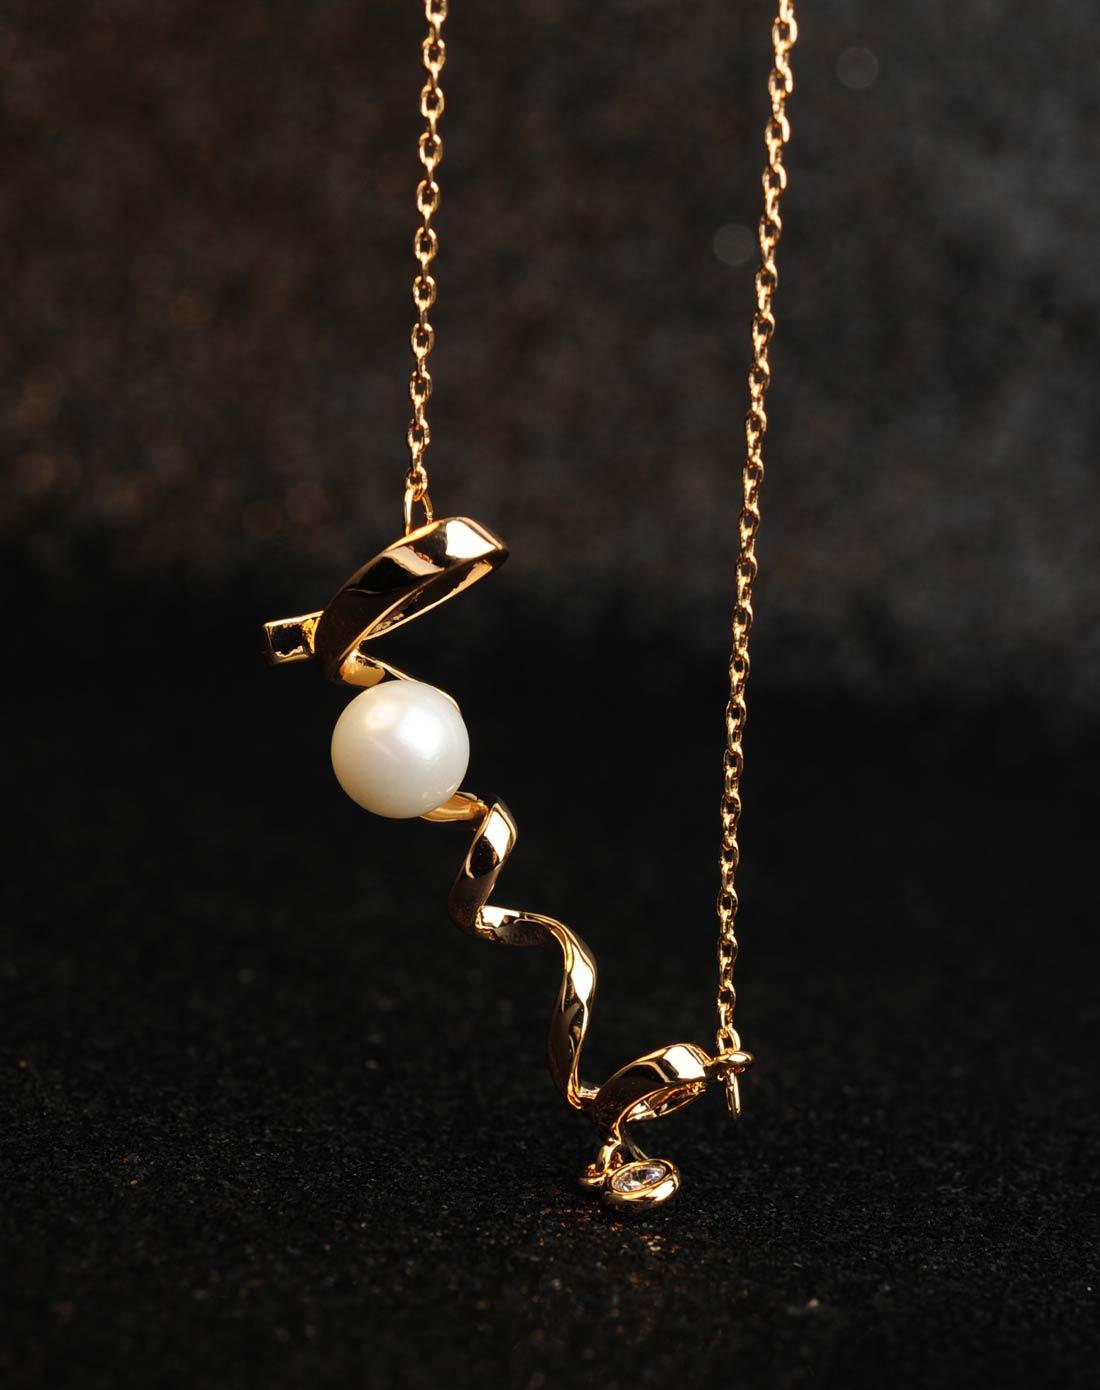 简约love贝珍珠项链-金色